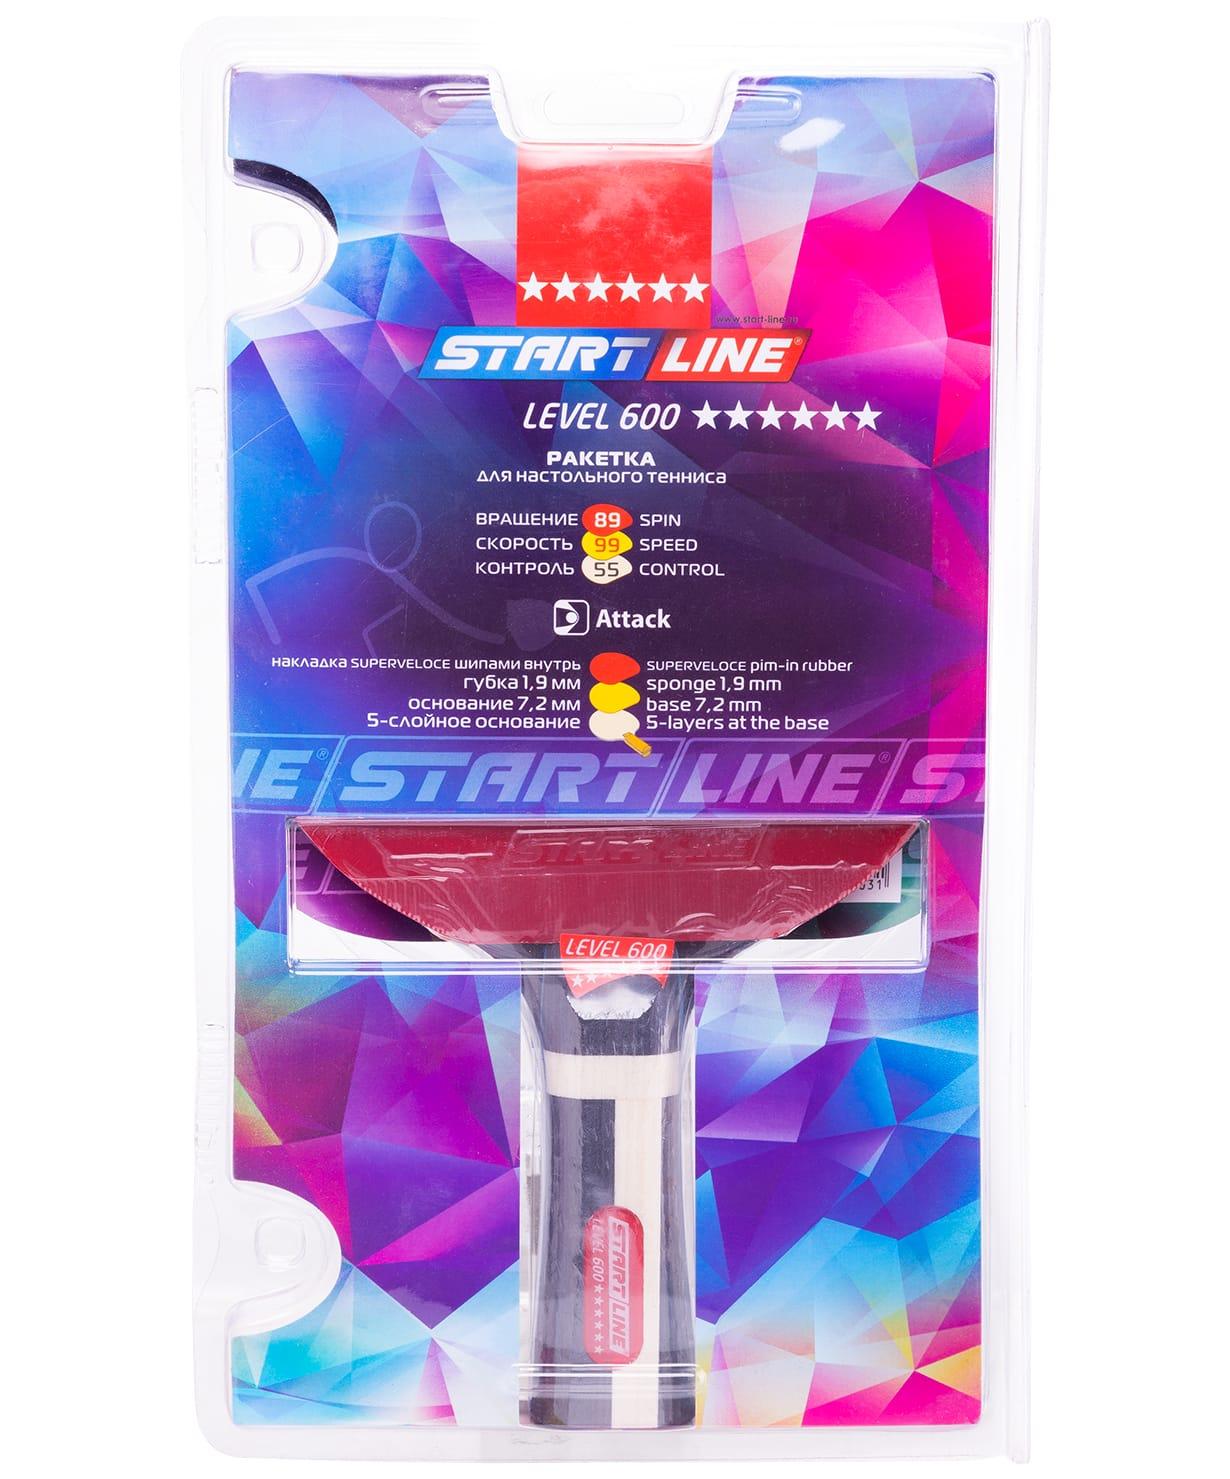 Ракетка н/т Start Line Level 600 коническая (12704)